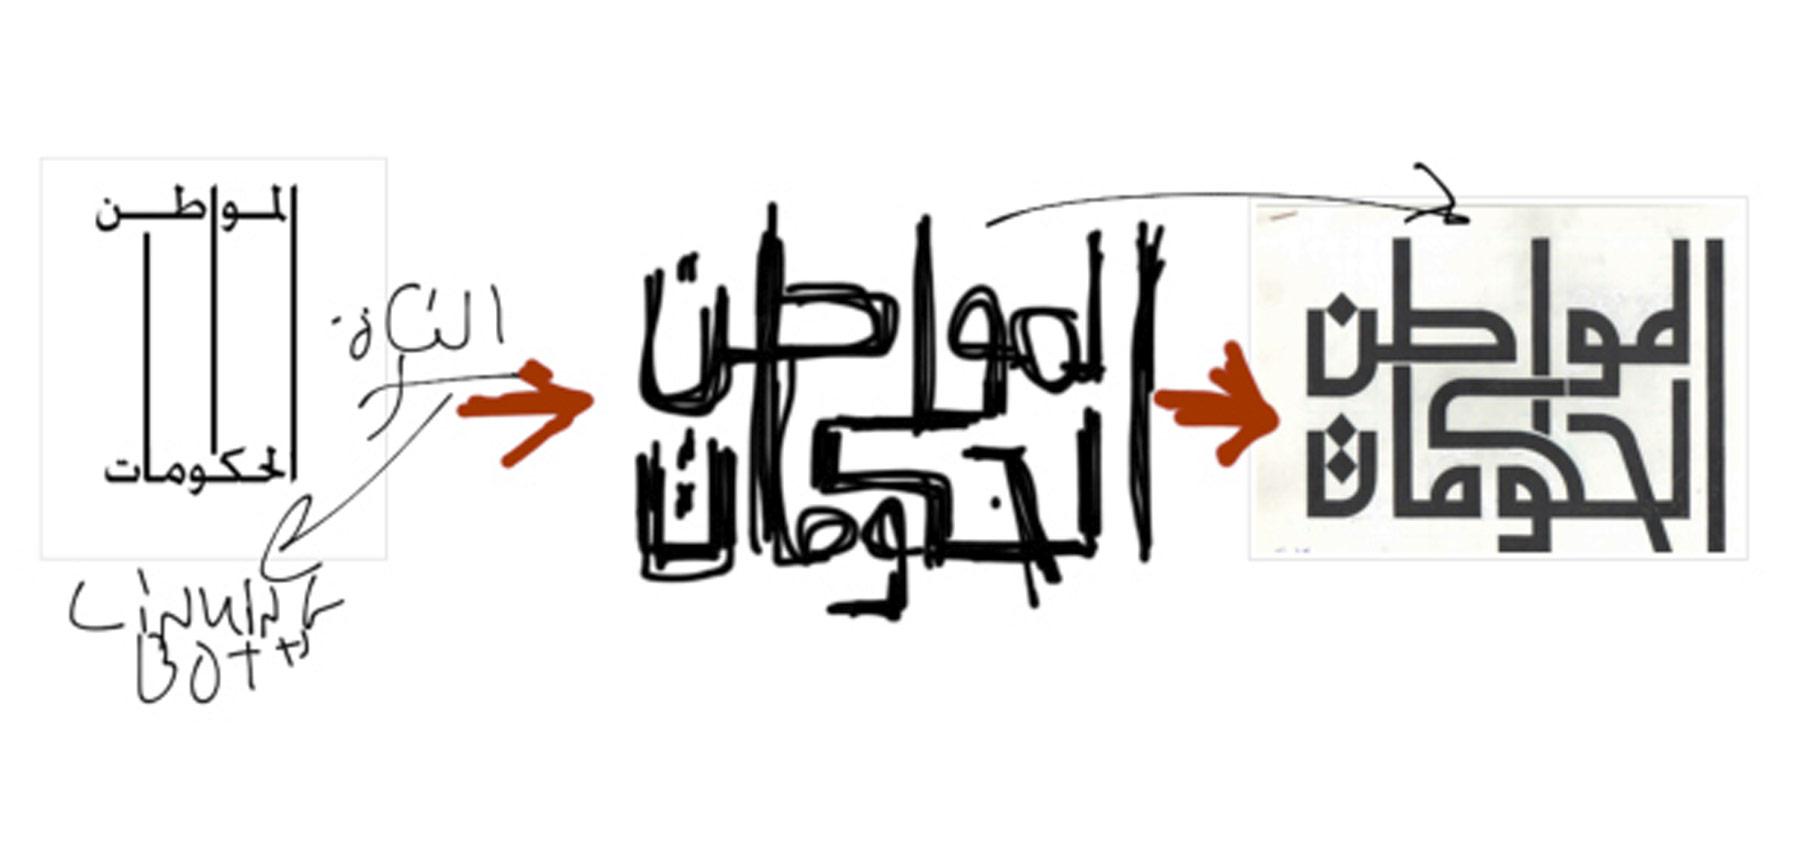 aba_1001-glyphs-studiobar-tarek-atrissi-sketch